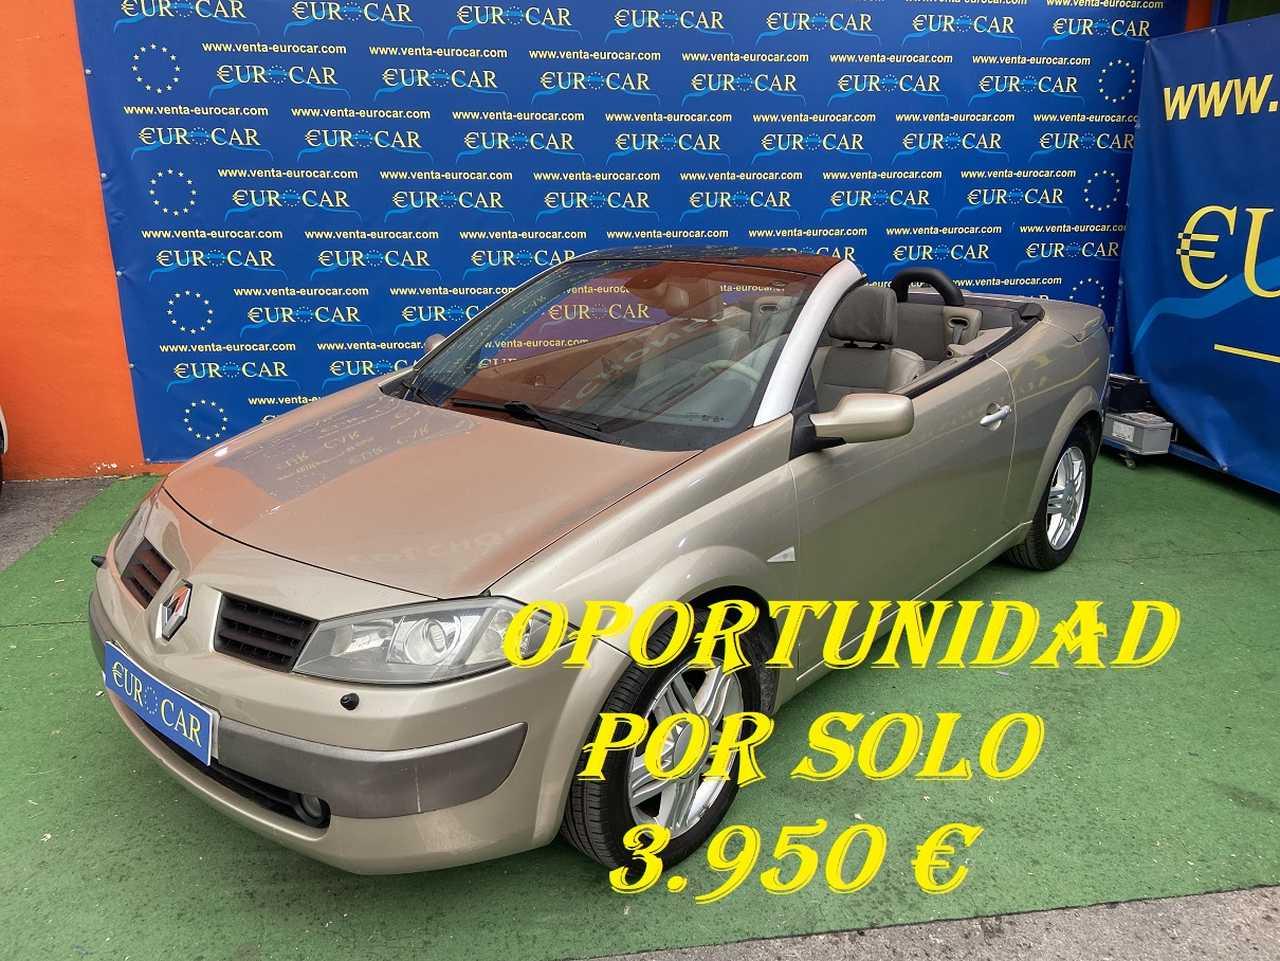 Renault Megane ocasión segunda mano 2005 Diésel por 3.950€ en Alicante